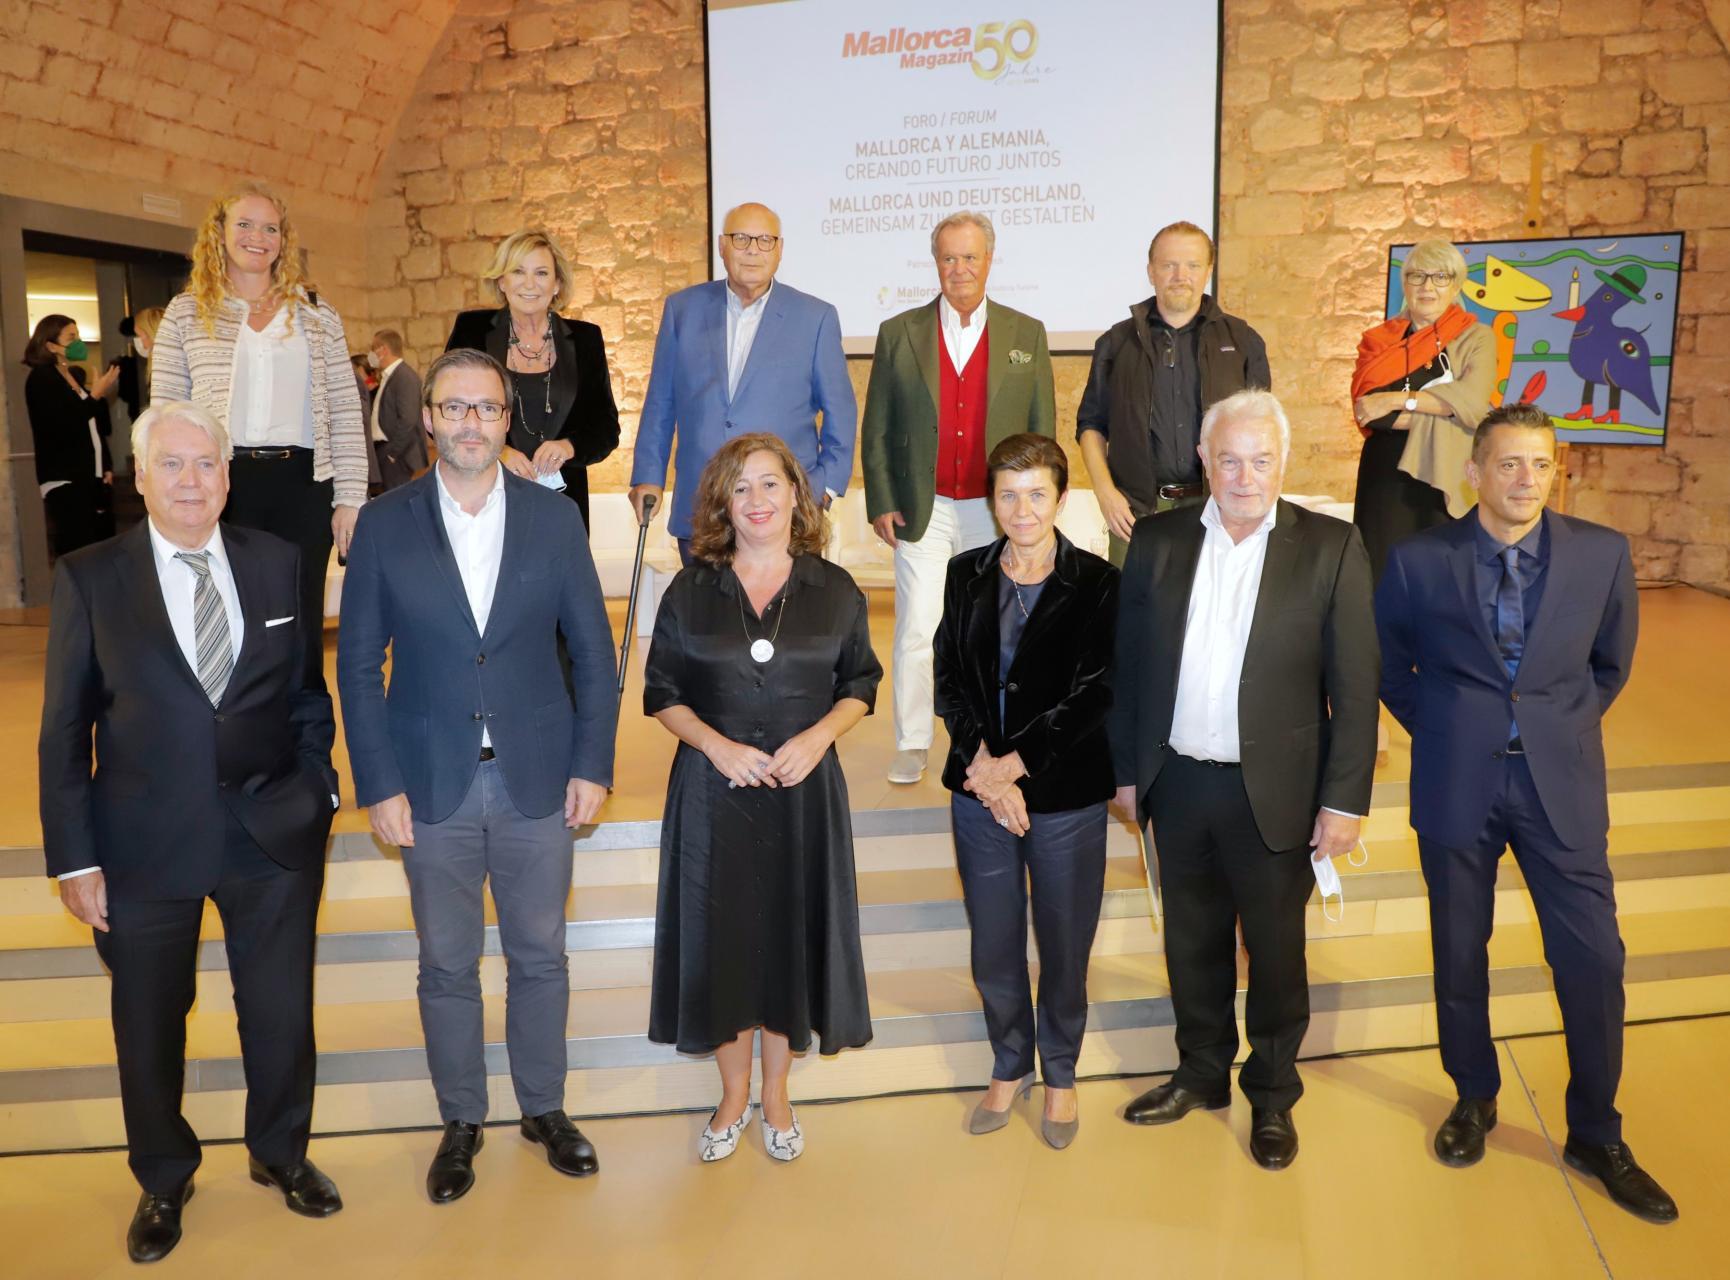 50 aniversario del Mallorca Magazin